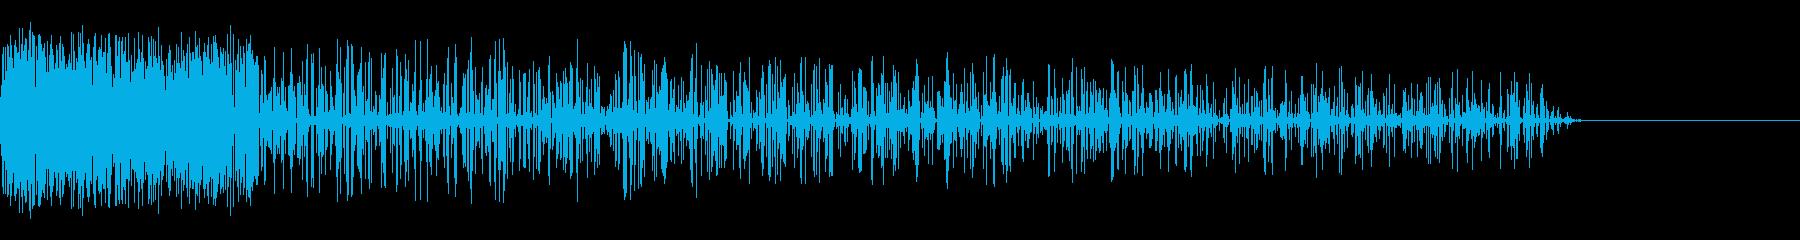 ピボー!(ノイズ/衝撃/攻撃/爆撃レトロの再生済みの波形